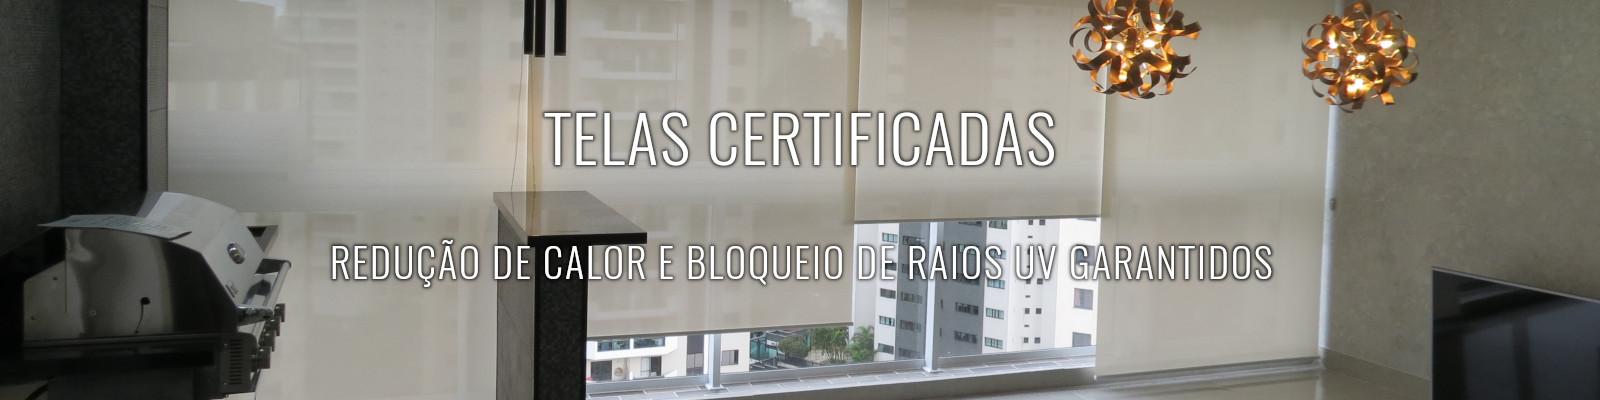 Telas certificadas